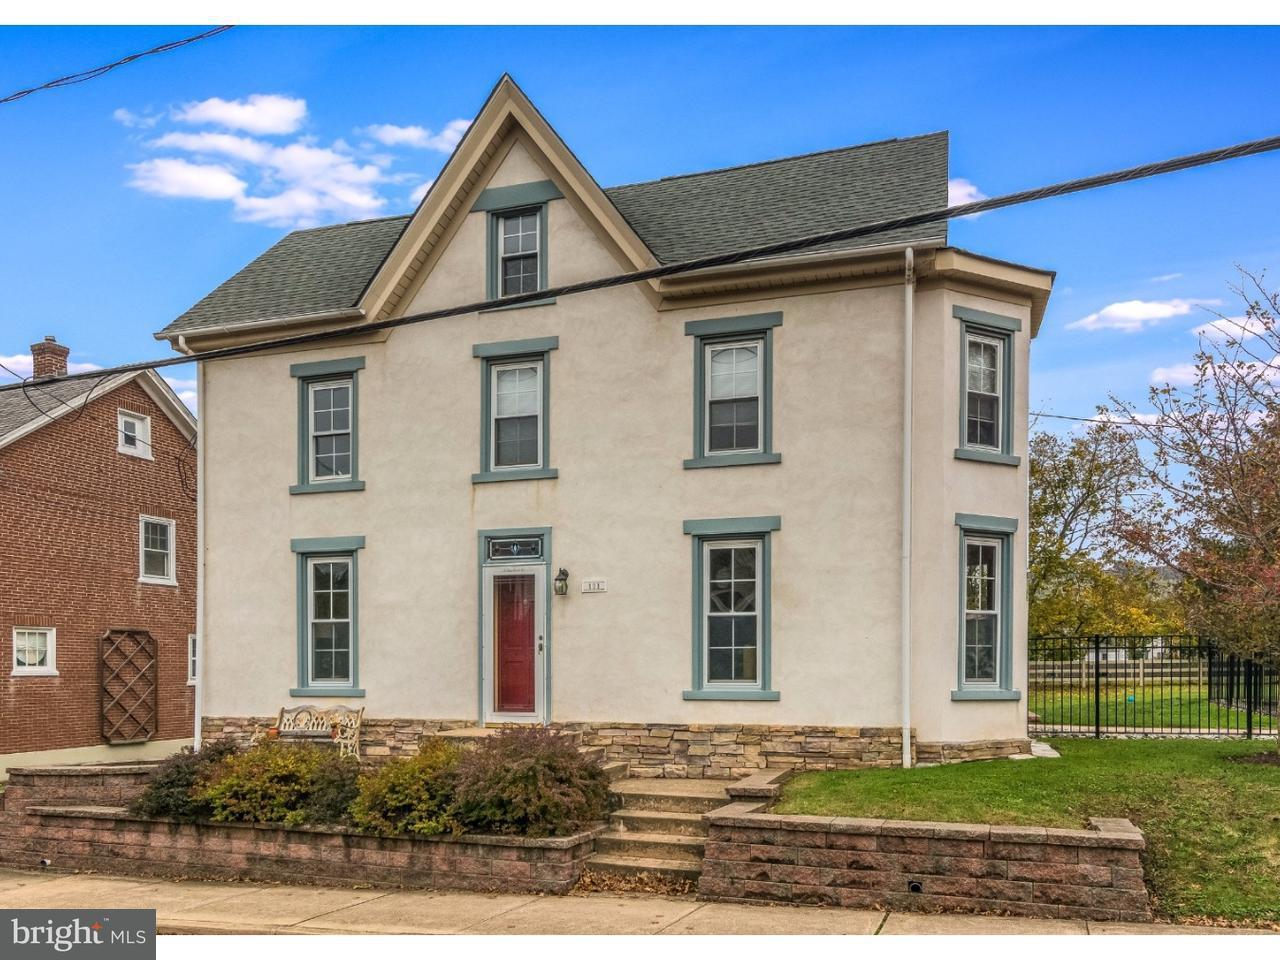 独户住宅 为 销售 在 111 GREEN Street Silverdale, 宾夕法尼亚州 18962 美国